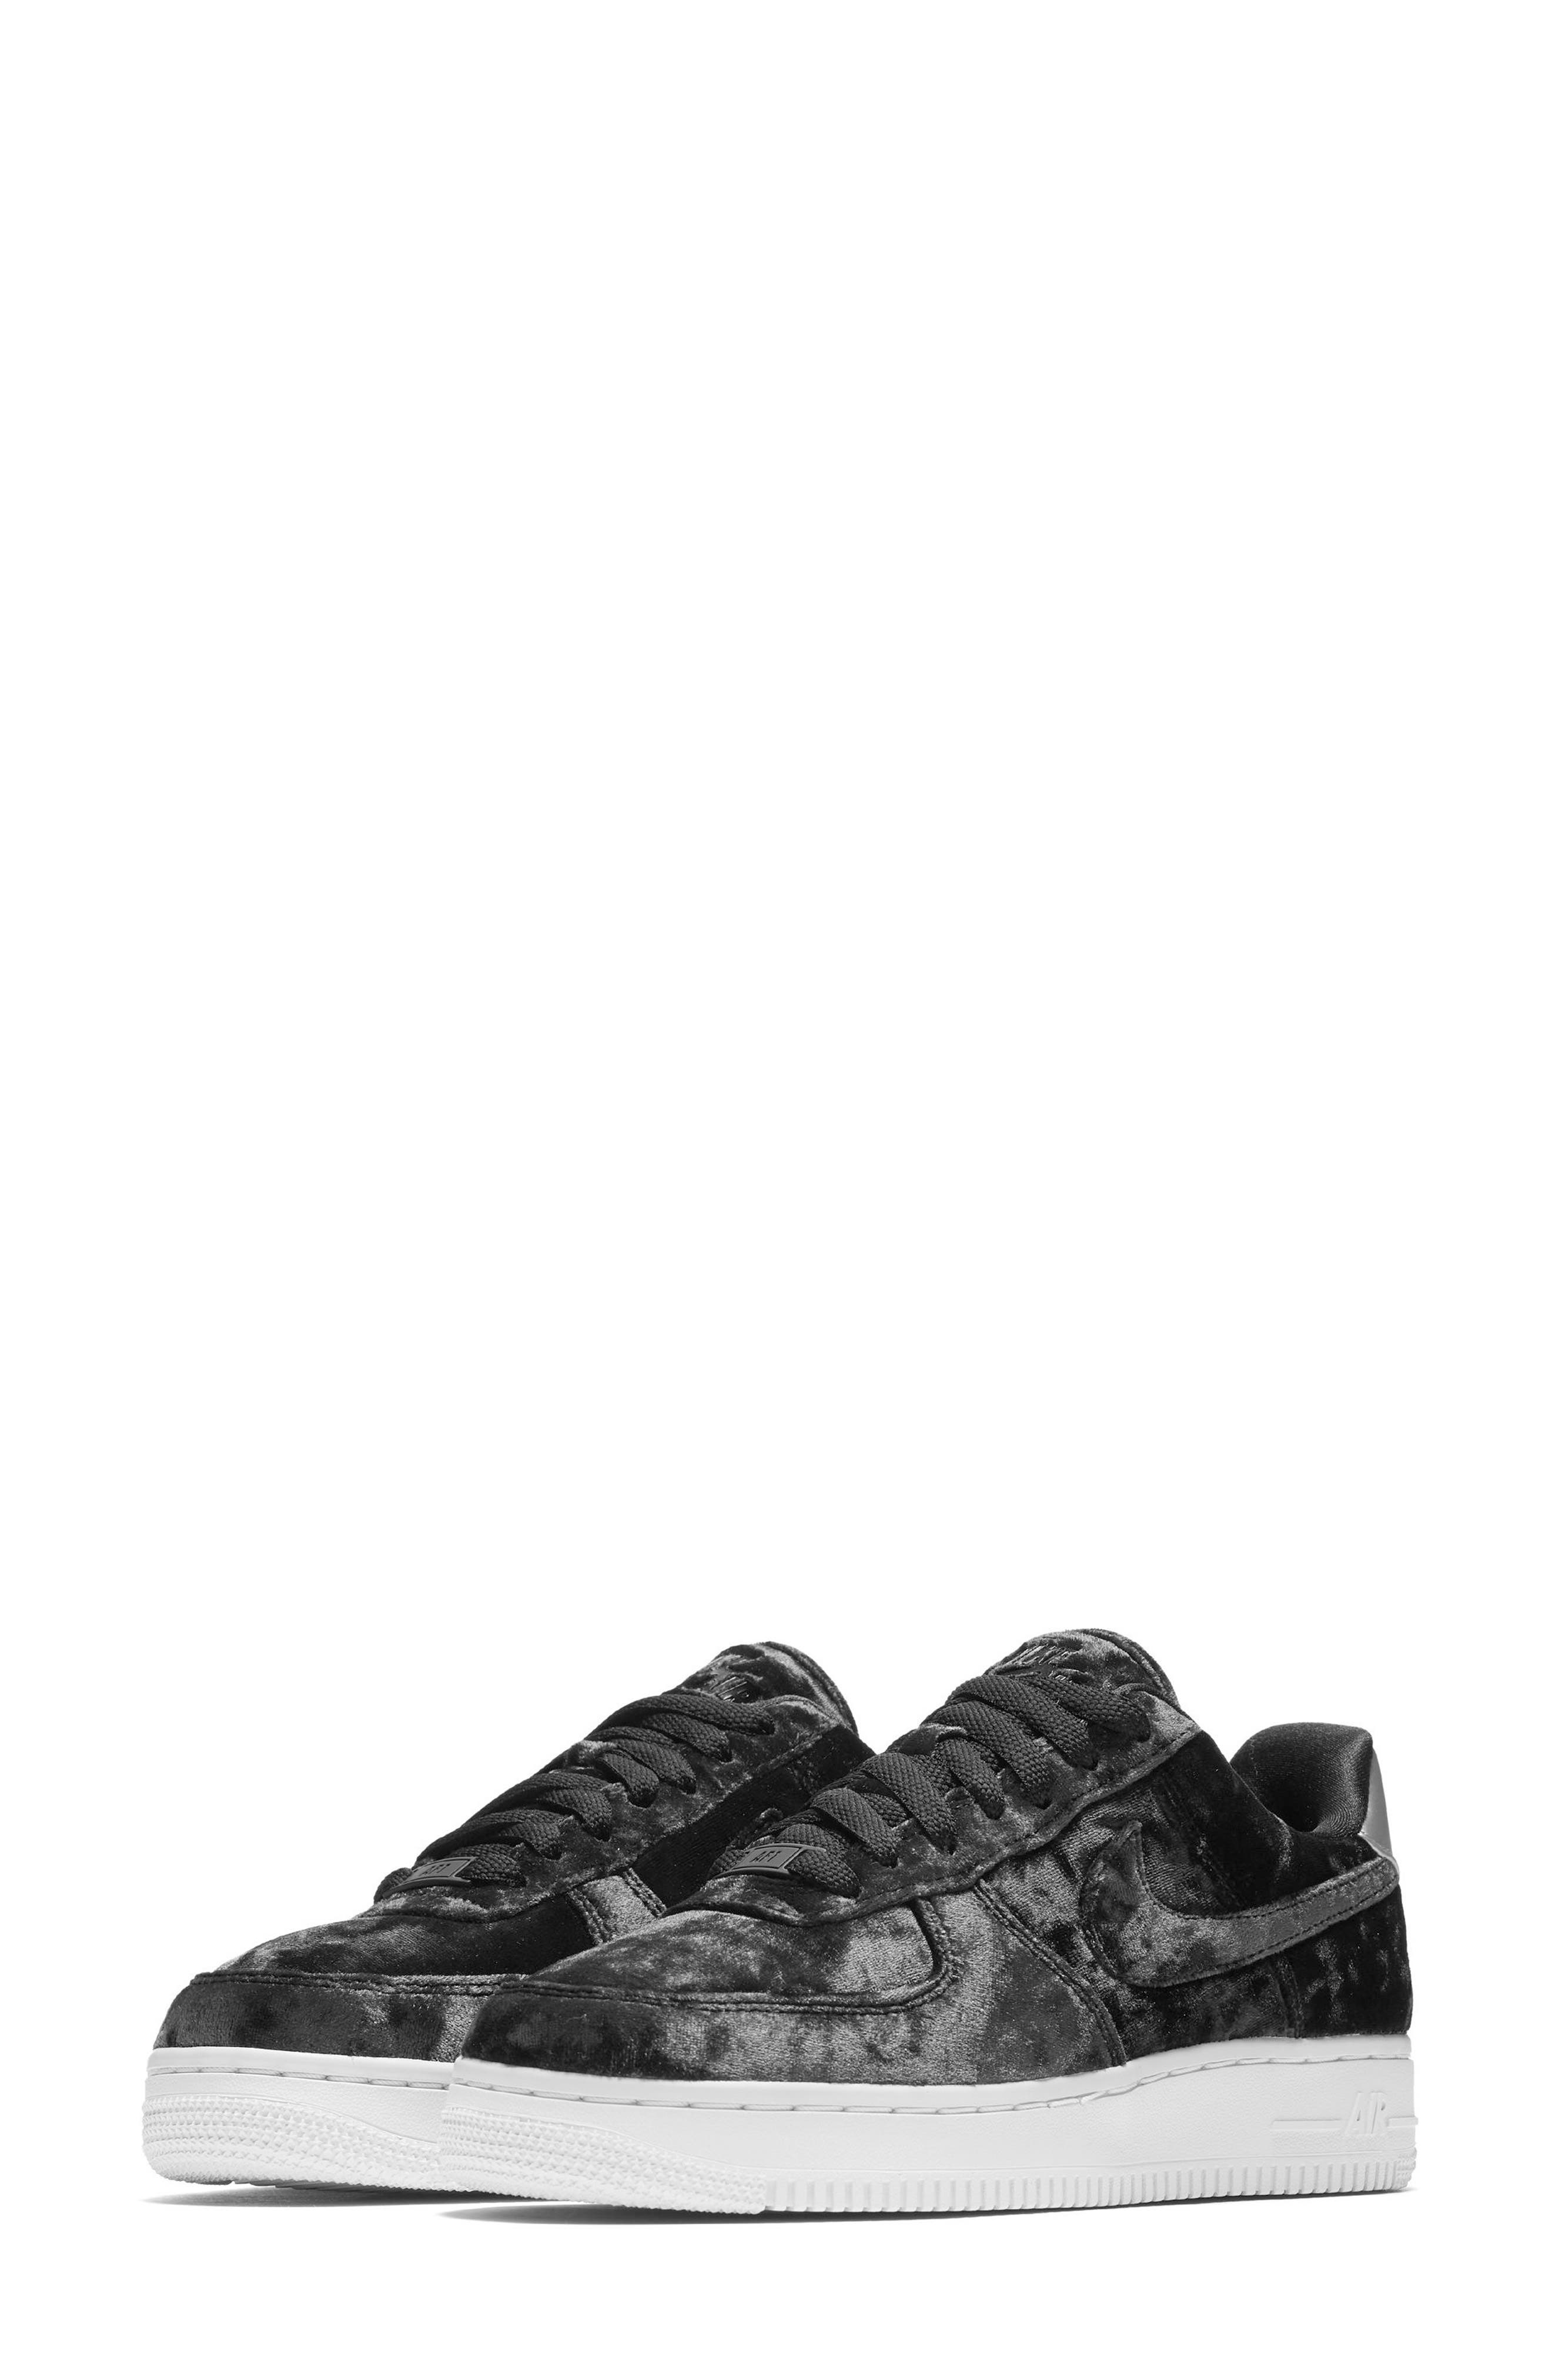 Air Force 1 '07 Premium Sneaker,                             Main thumbnail 1, color,                             003